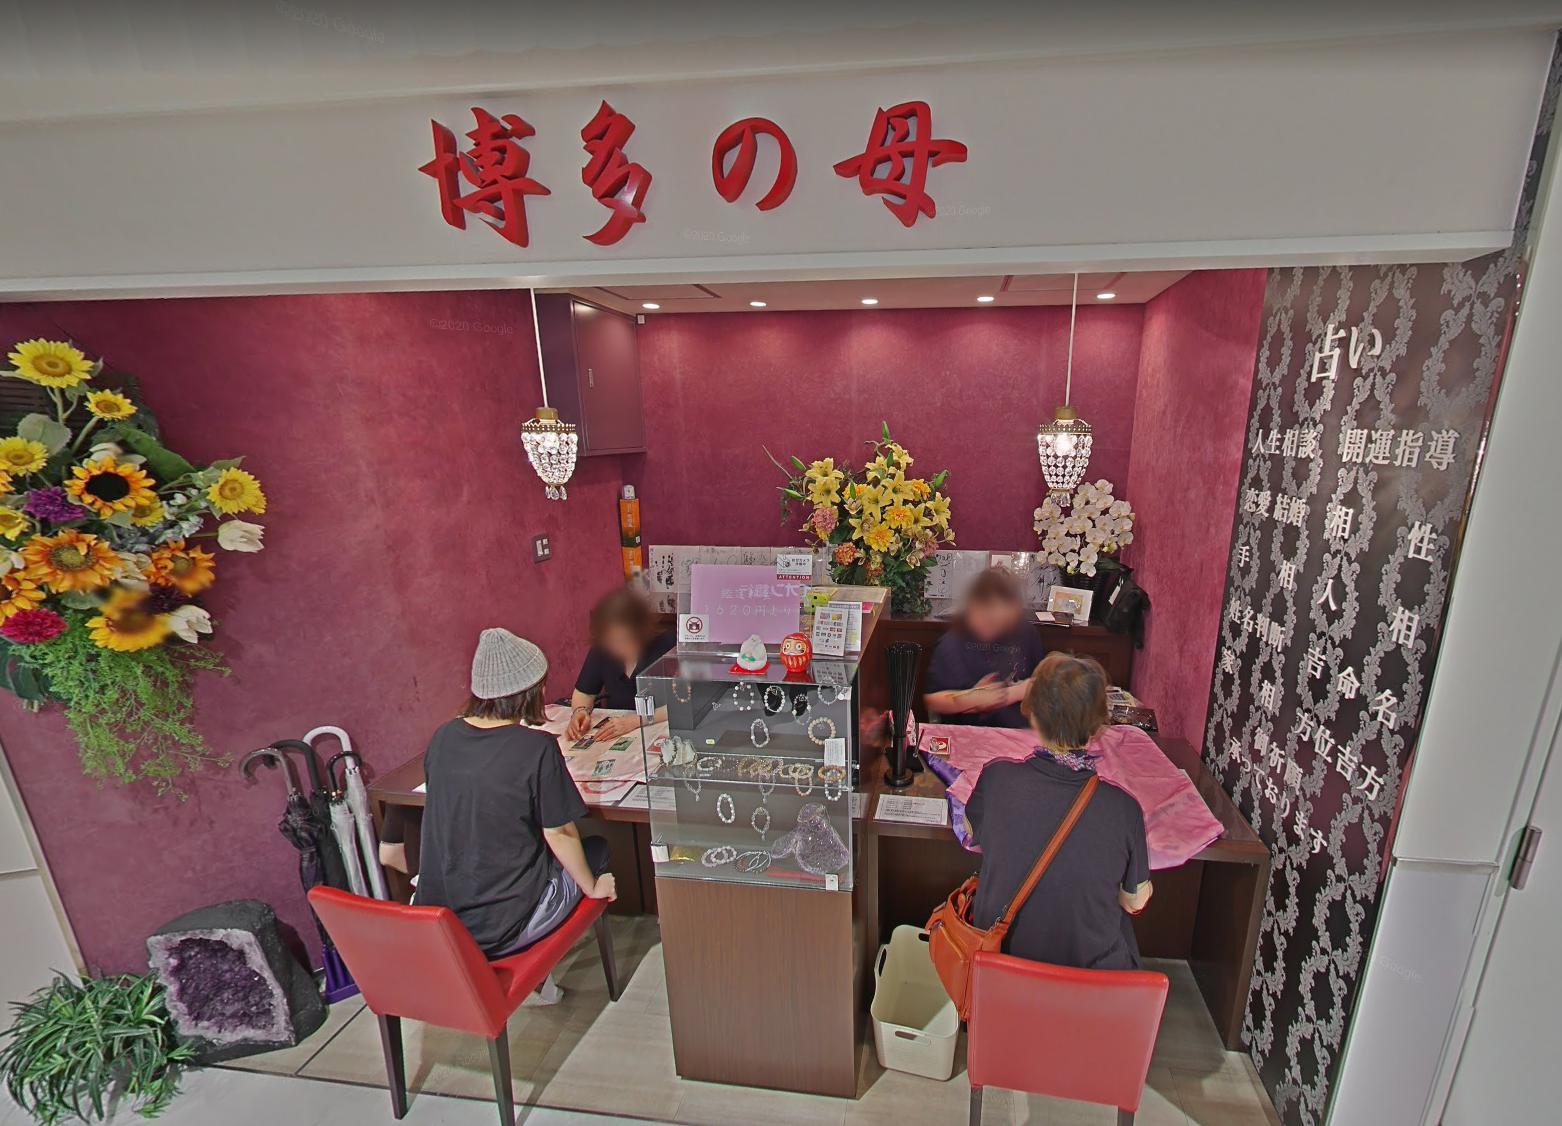 博多駅の占い店「博多の母」